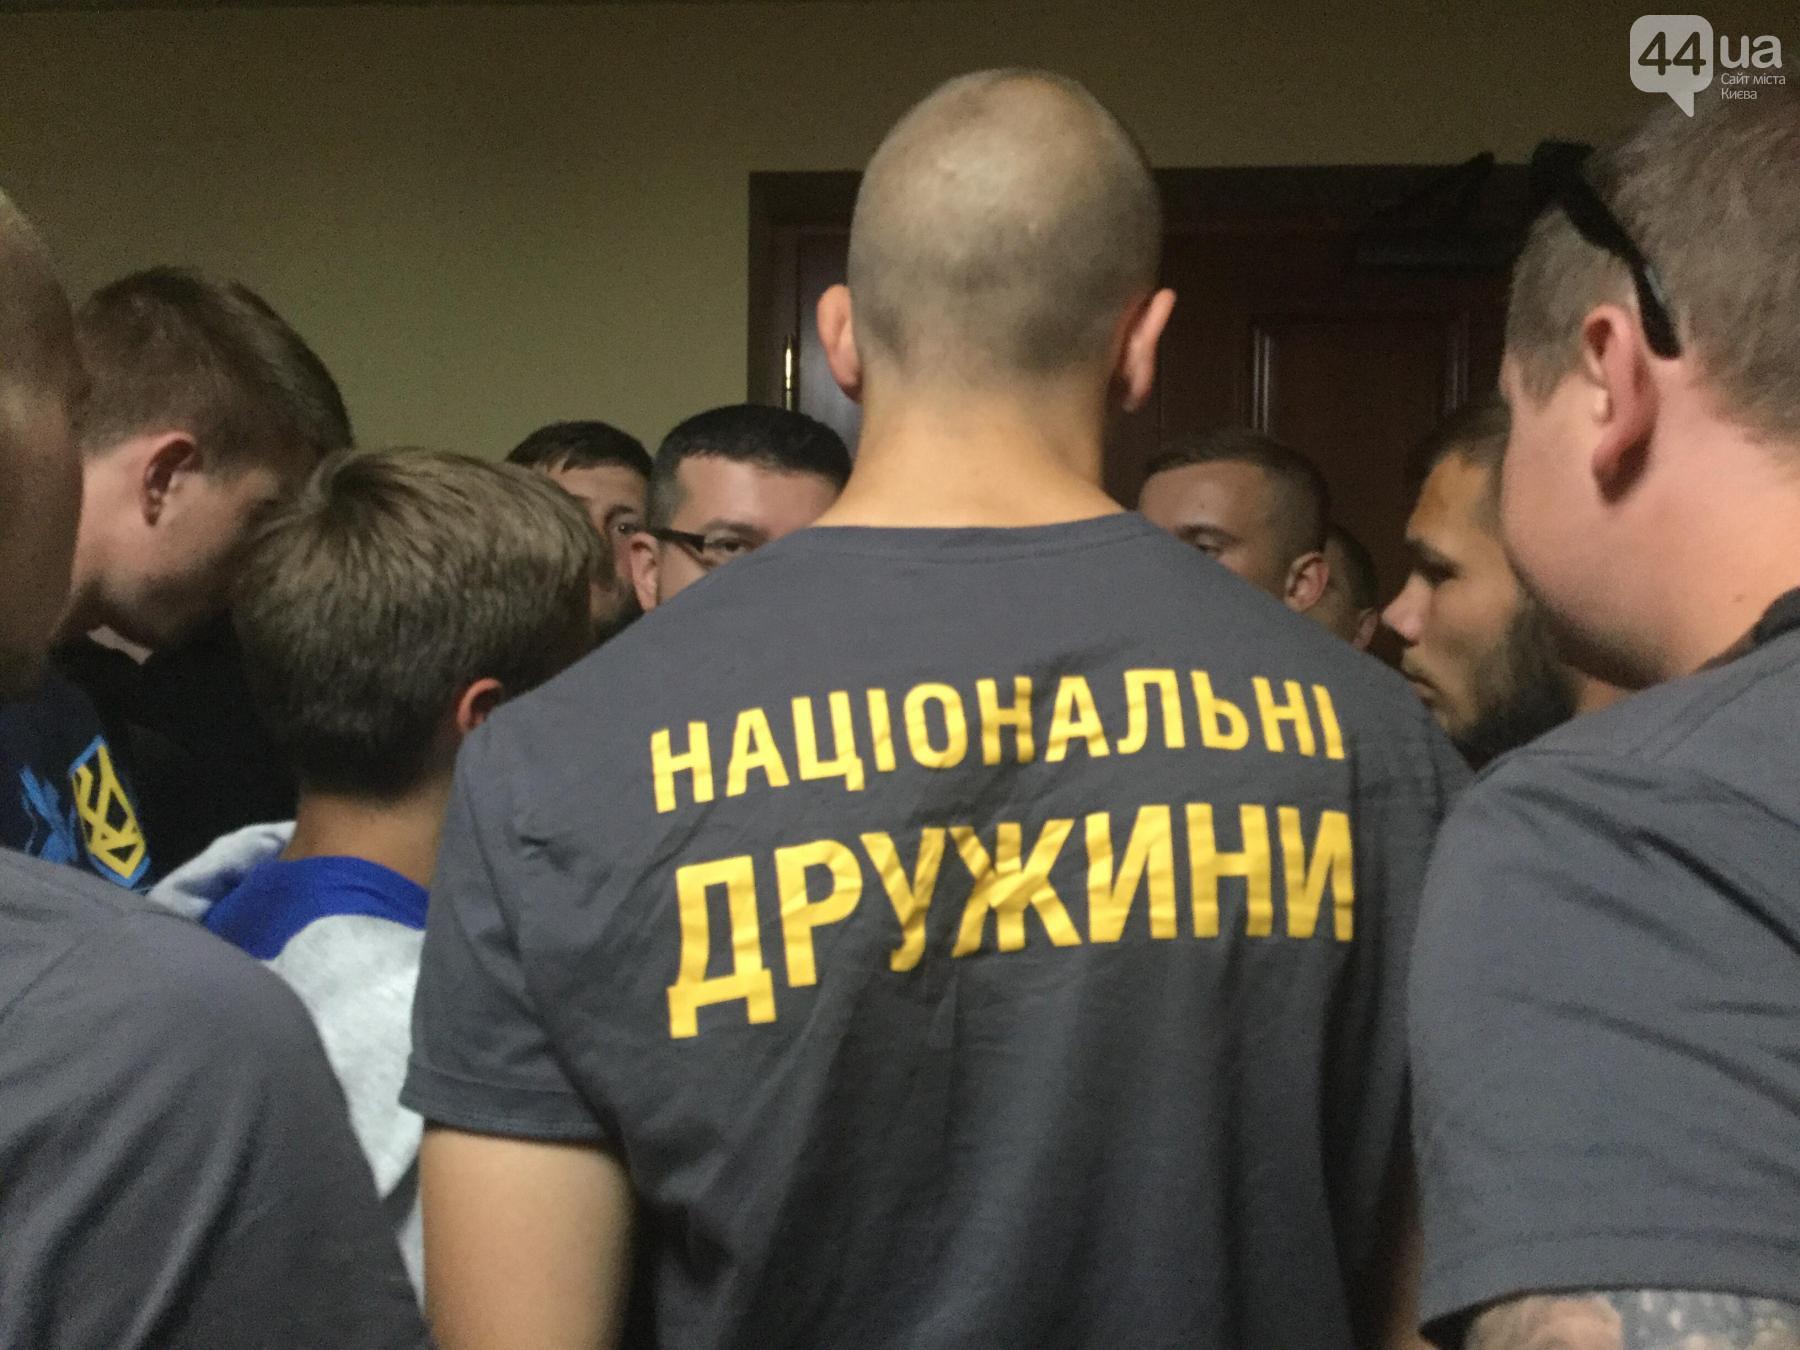 Штовханина у Київраді